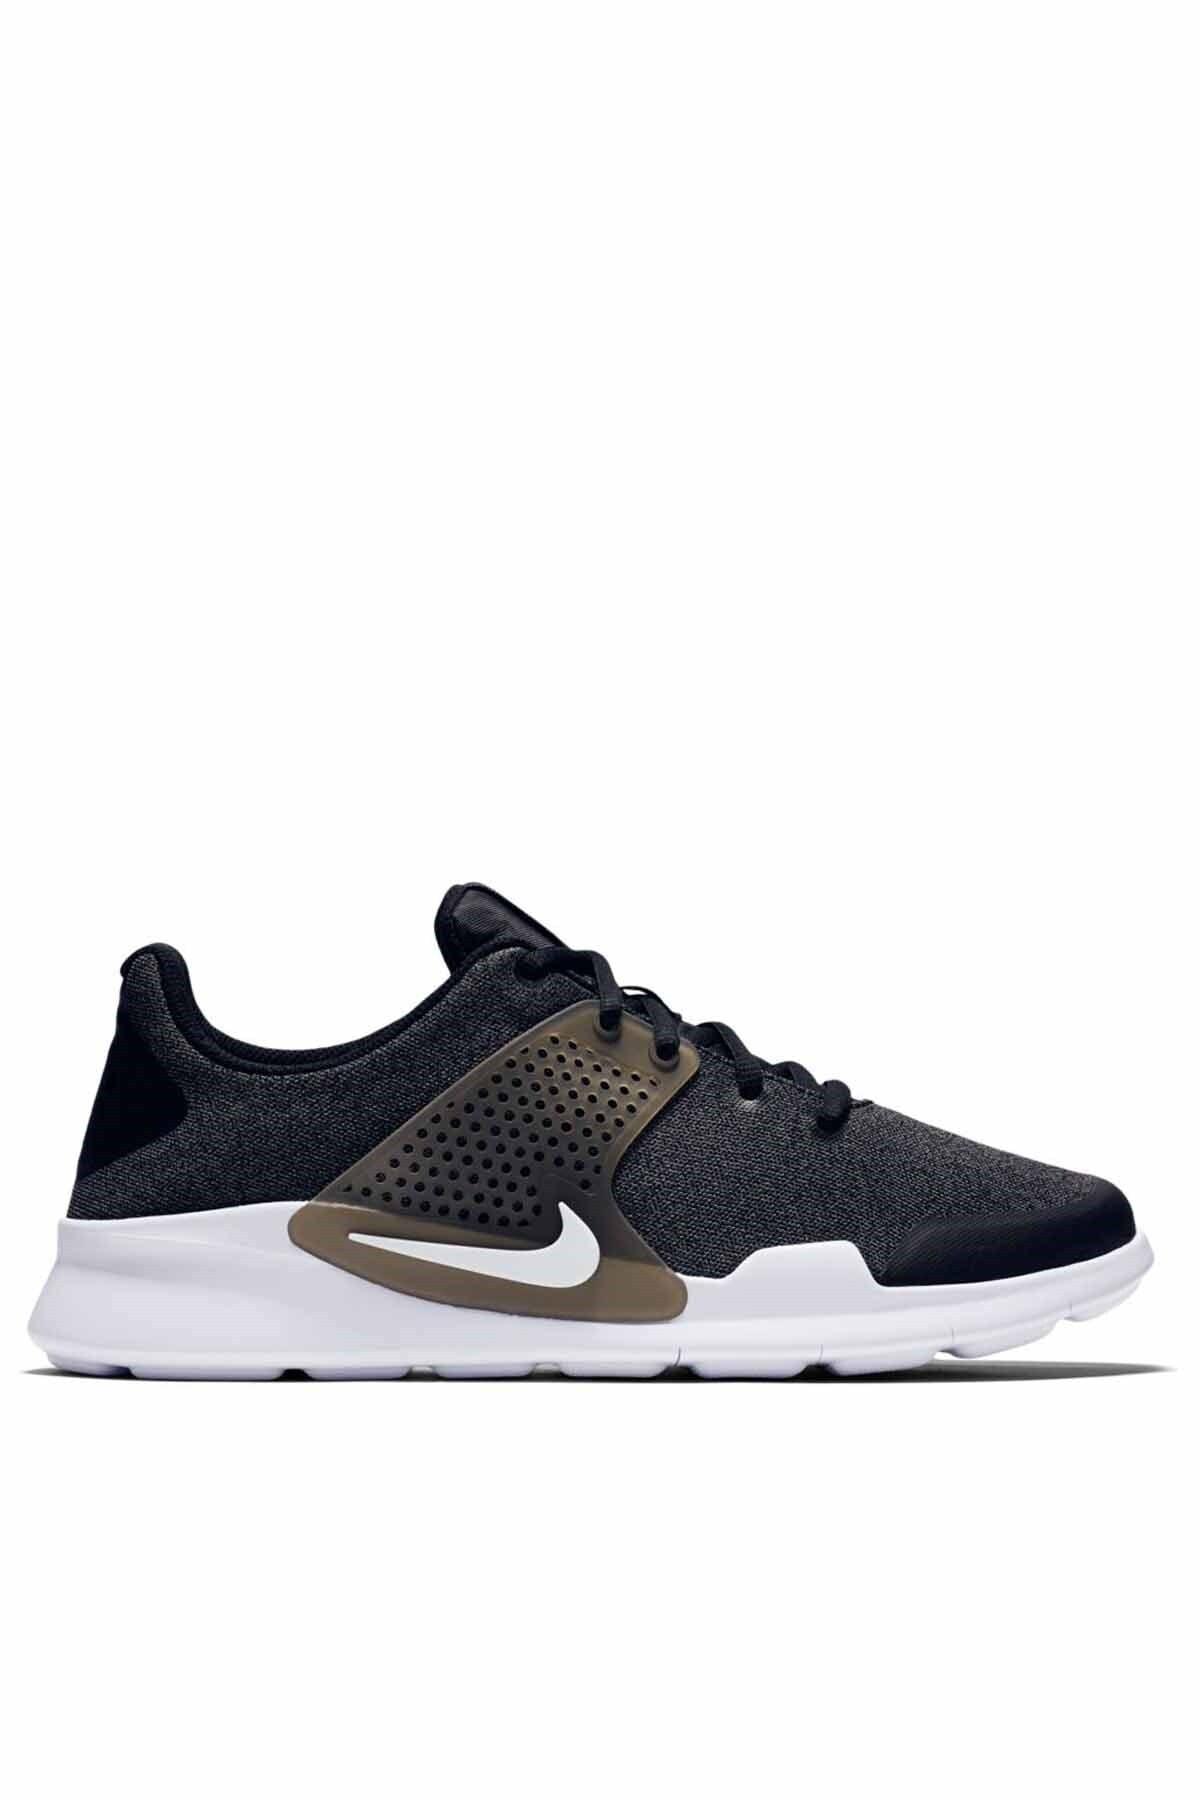 Erkek Beyaz Spor Ayakkabı 902813-002 Arrowz